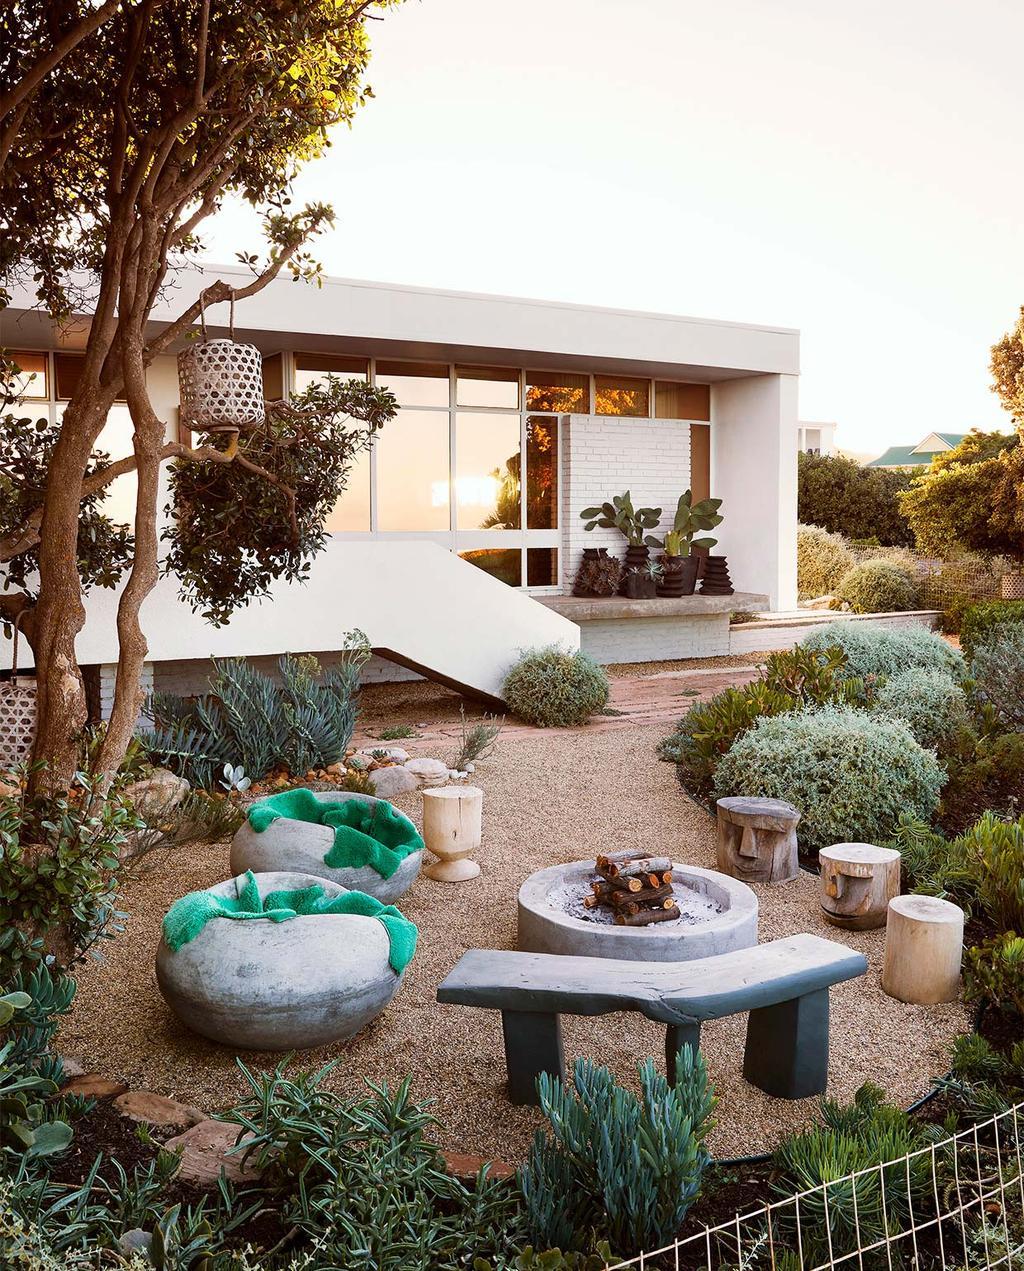 vtwonen special zomerhuizen 07-2021 | buitenkant van het huis met vuurkorf en zitplekken